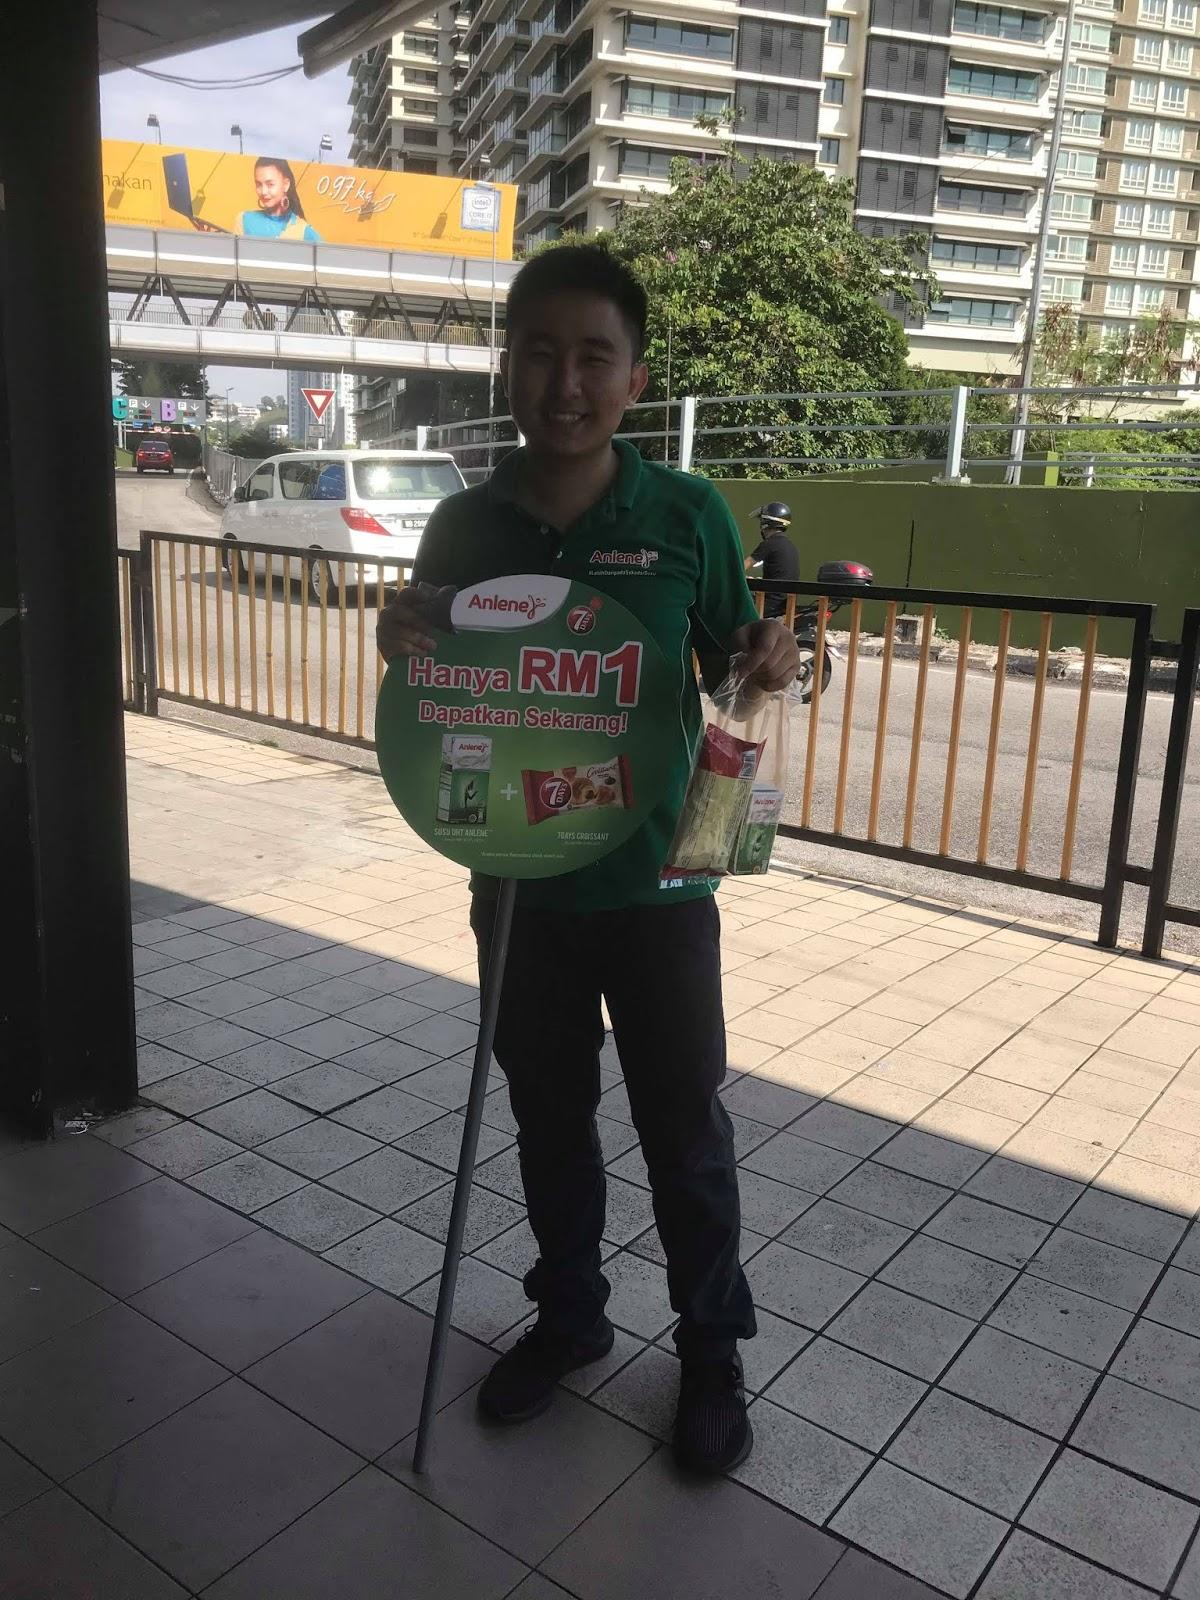 Kebaikan Anlene Uht On The Go Dalam Kehidupan Aktif Saya Susu Coklat Bersempena Dengan Pengenalan Di Pasaran Malaysia Telah Mengadakan Beberapa Kempen Dan Promosi Menarik Bagi Tujuan Produk